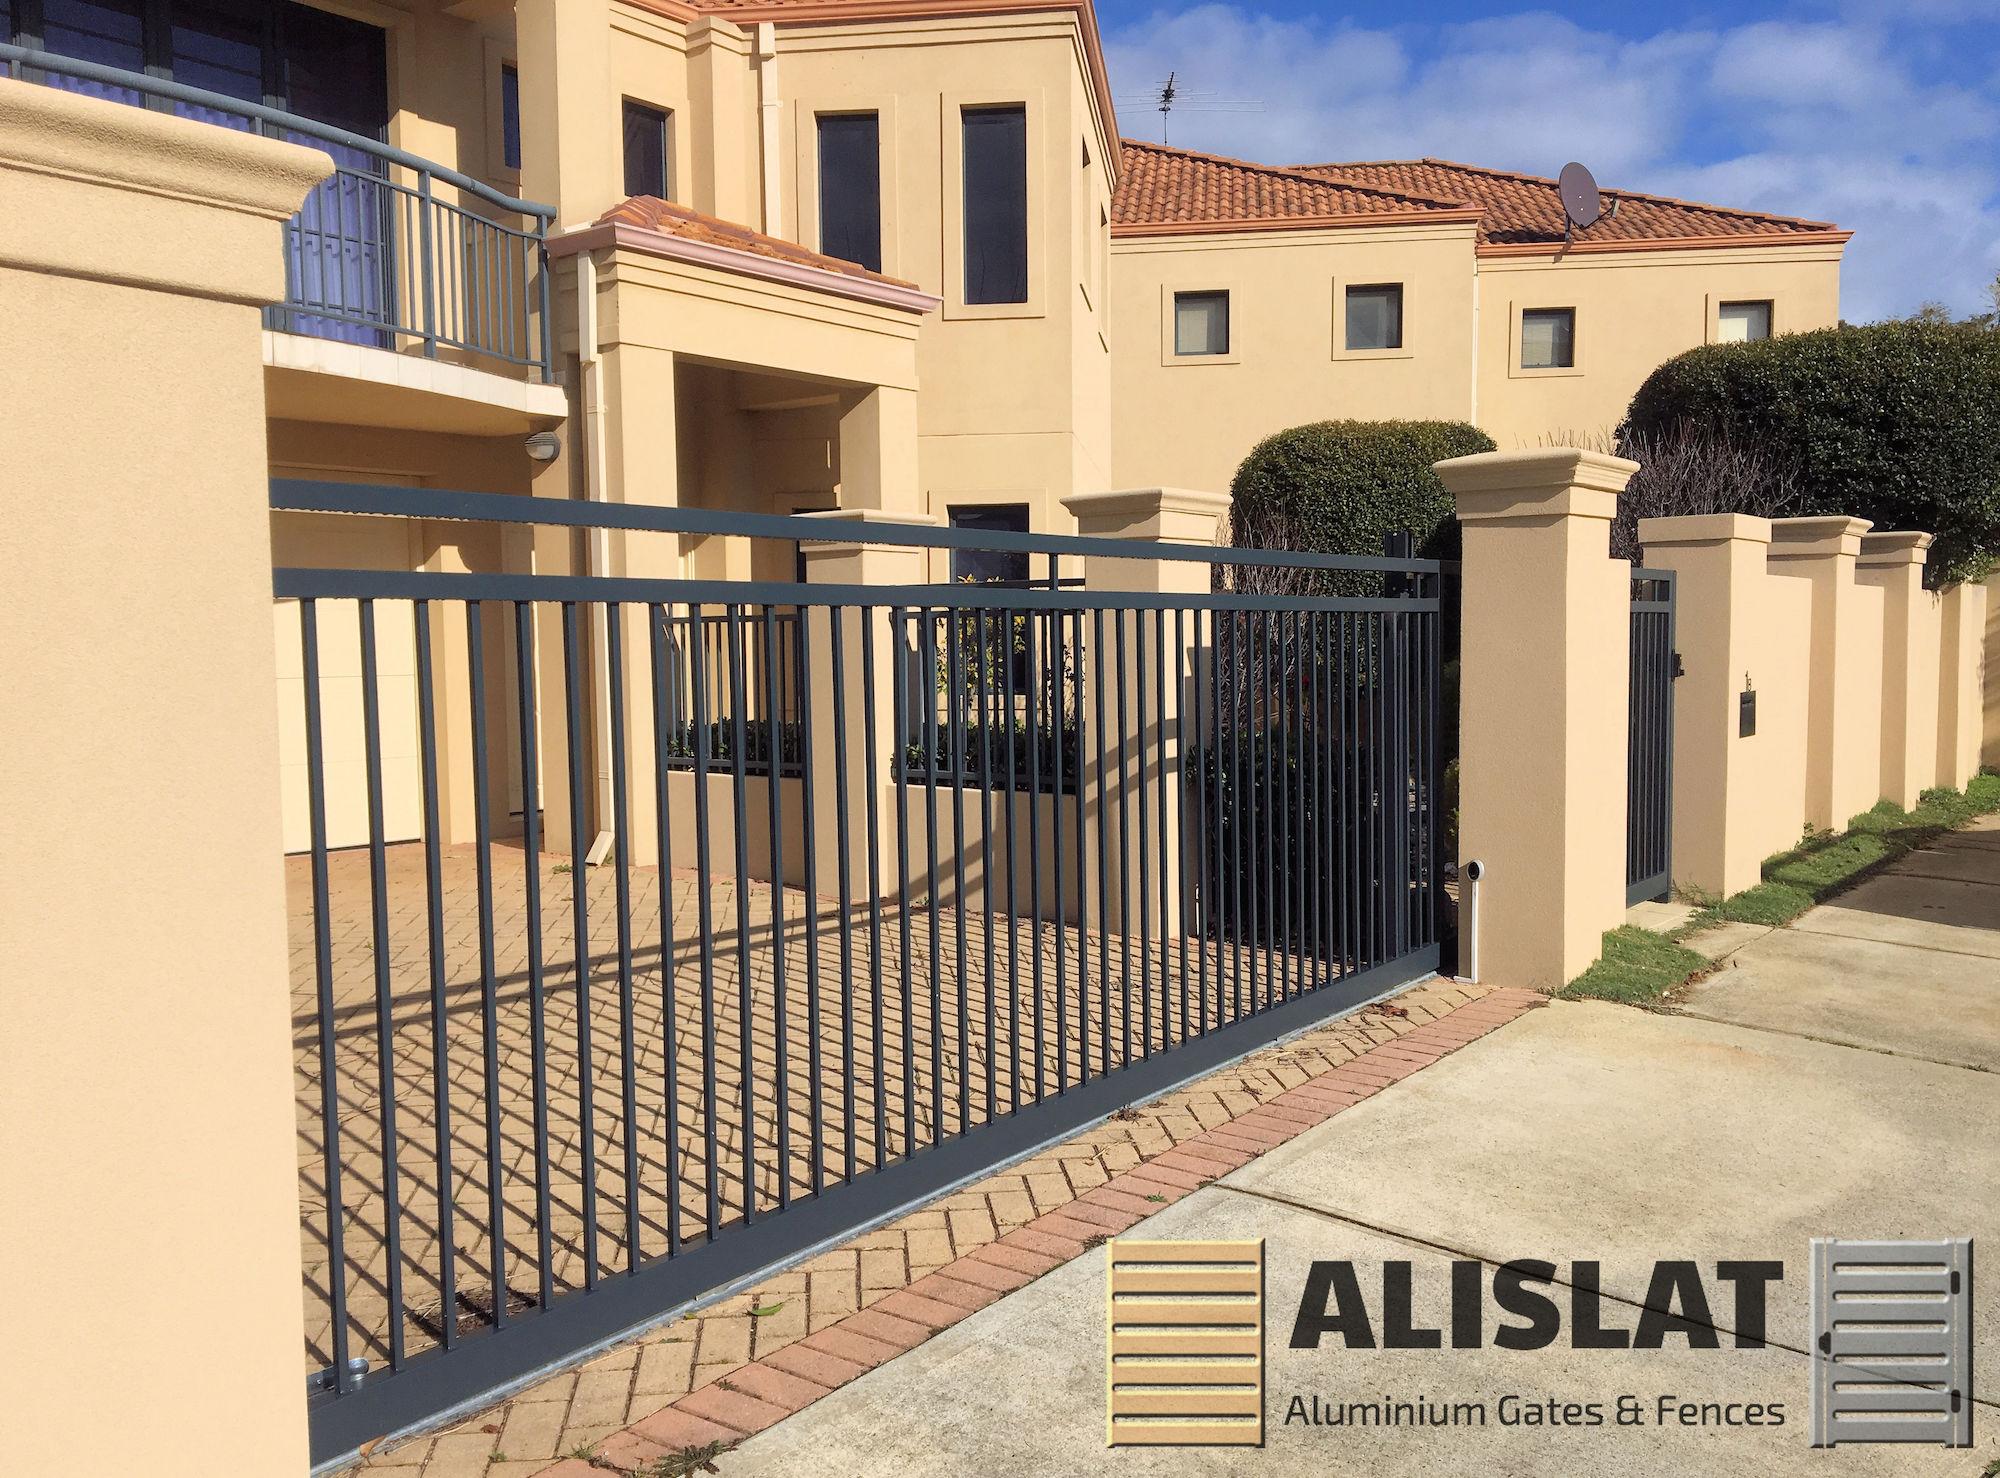 Alislat Aluminium Auto Remote Gates